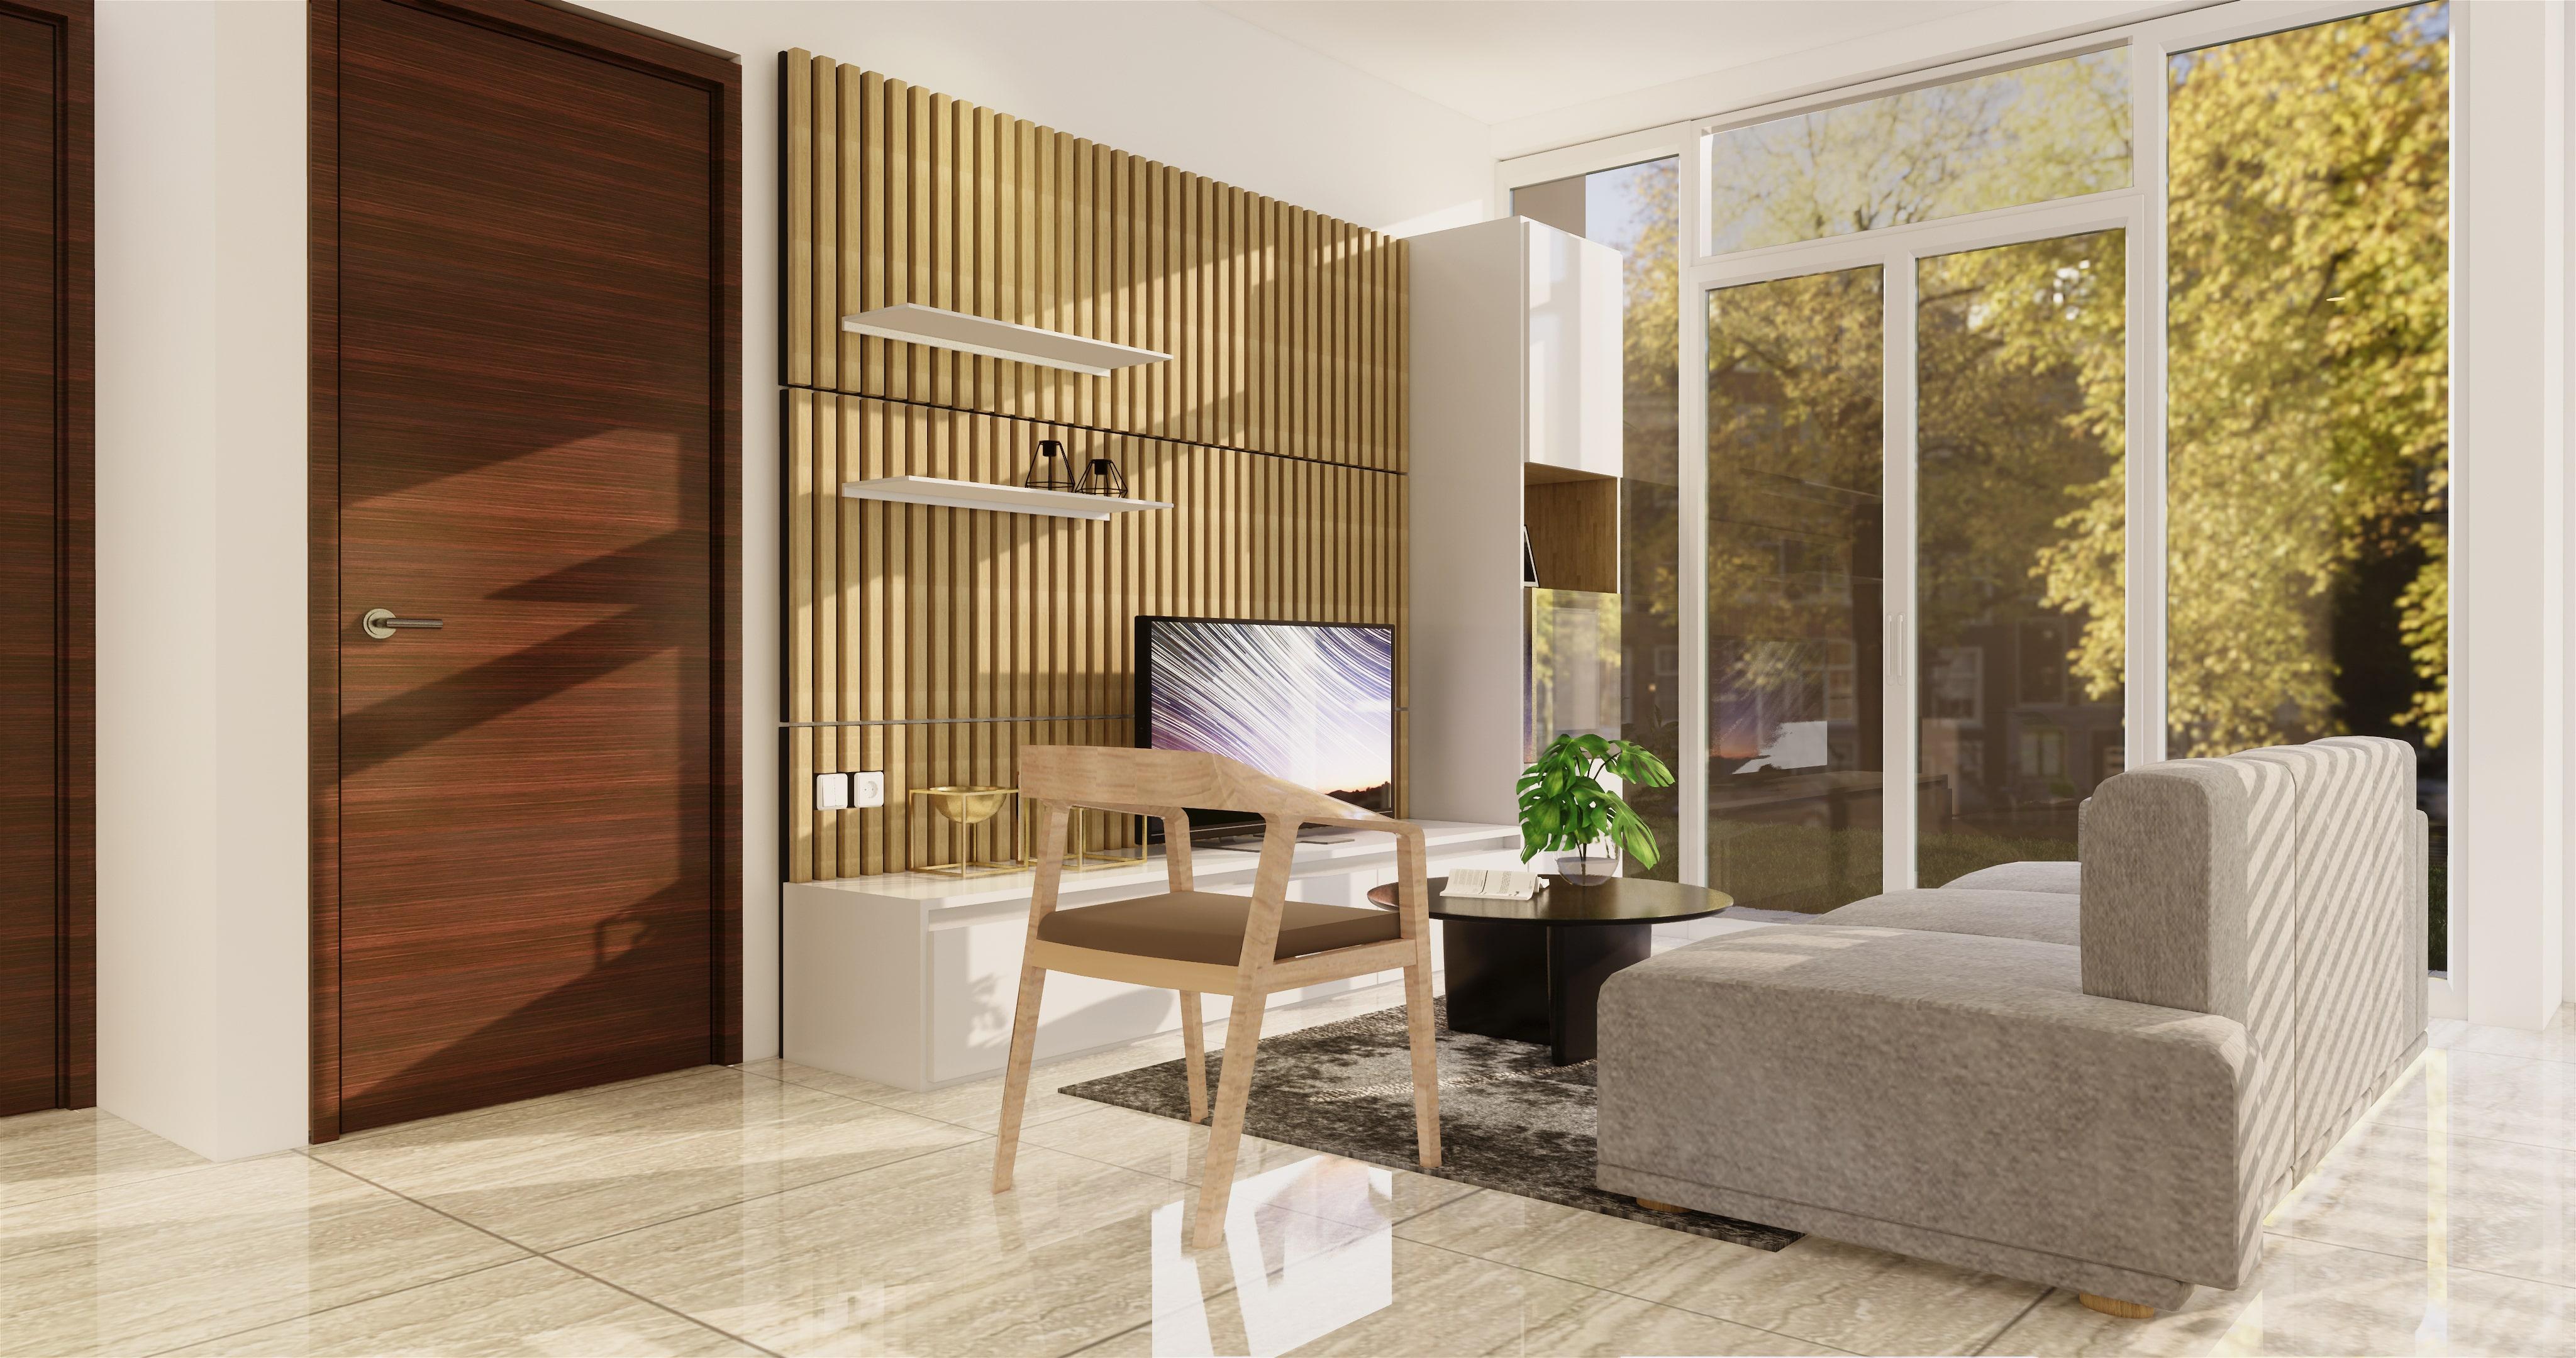 Interior ruang keluarga gaya modern natural